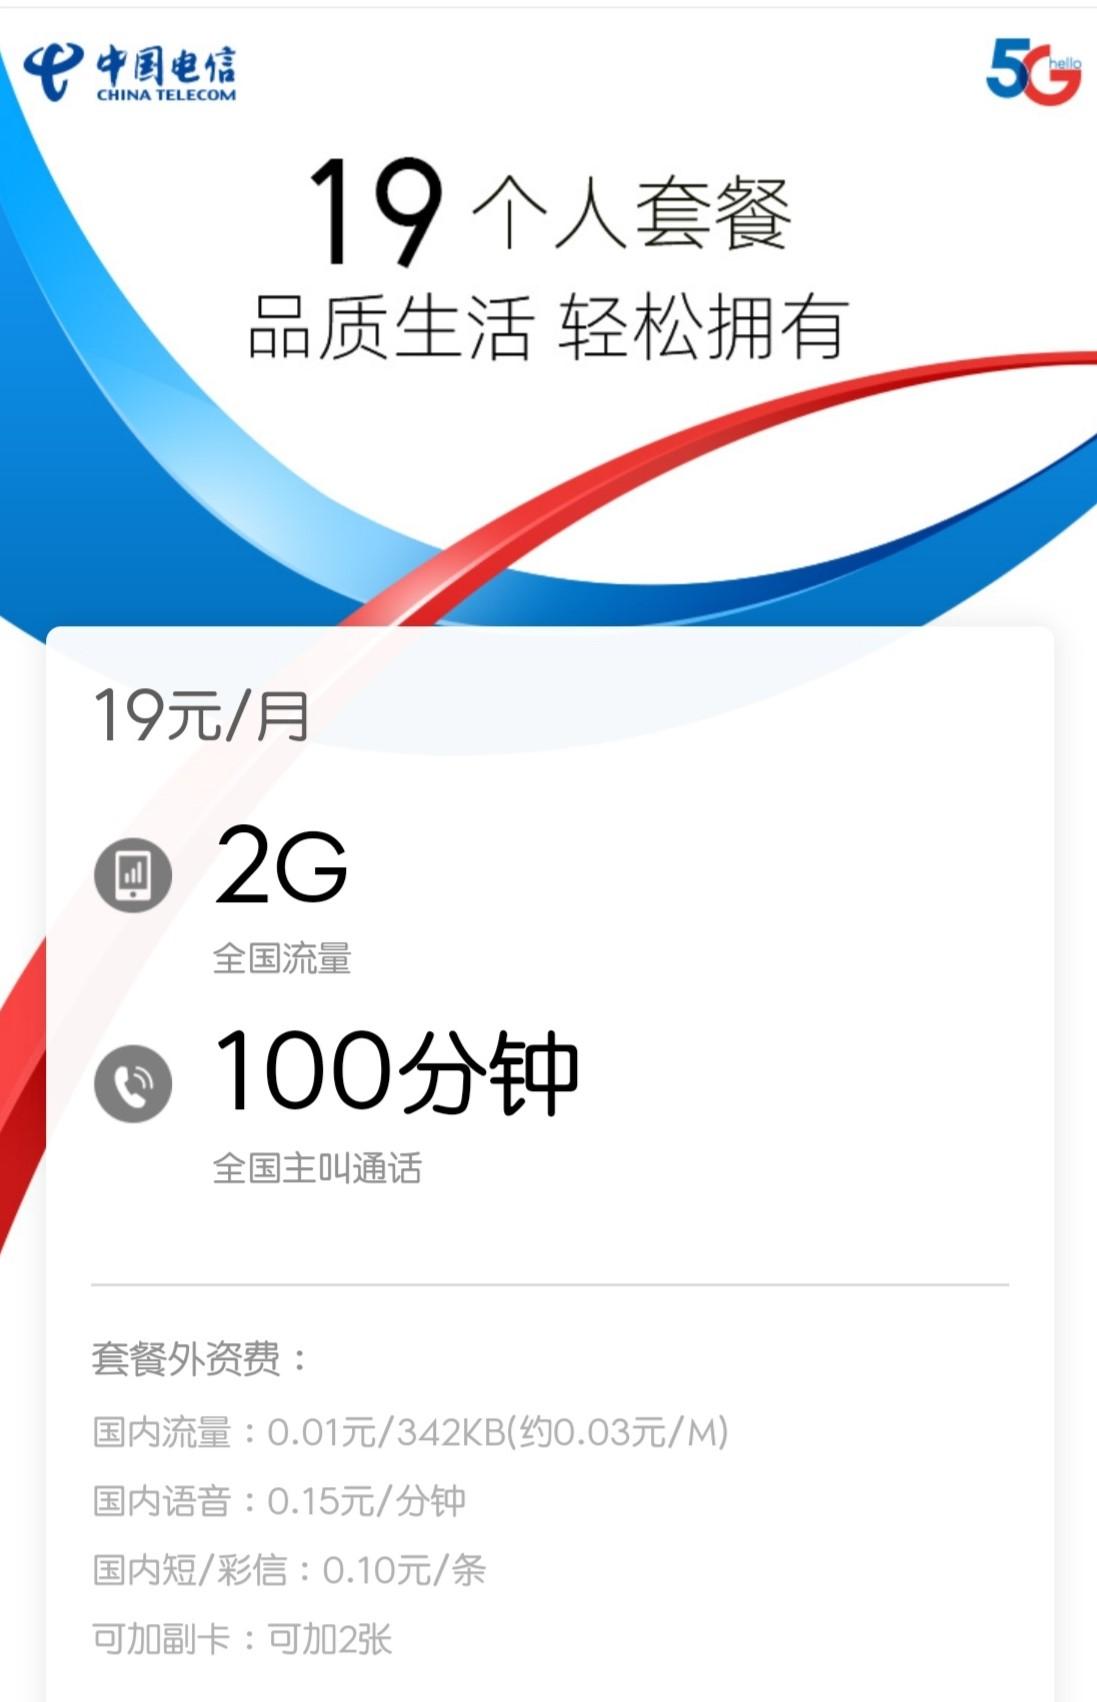 #四川电信2019新版畅享19元个人套餐#2GB全国流量+100分钟